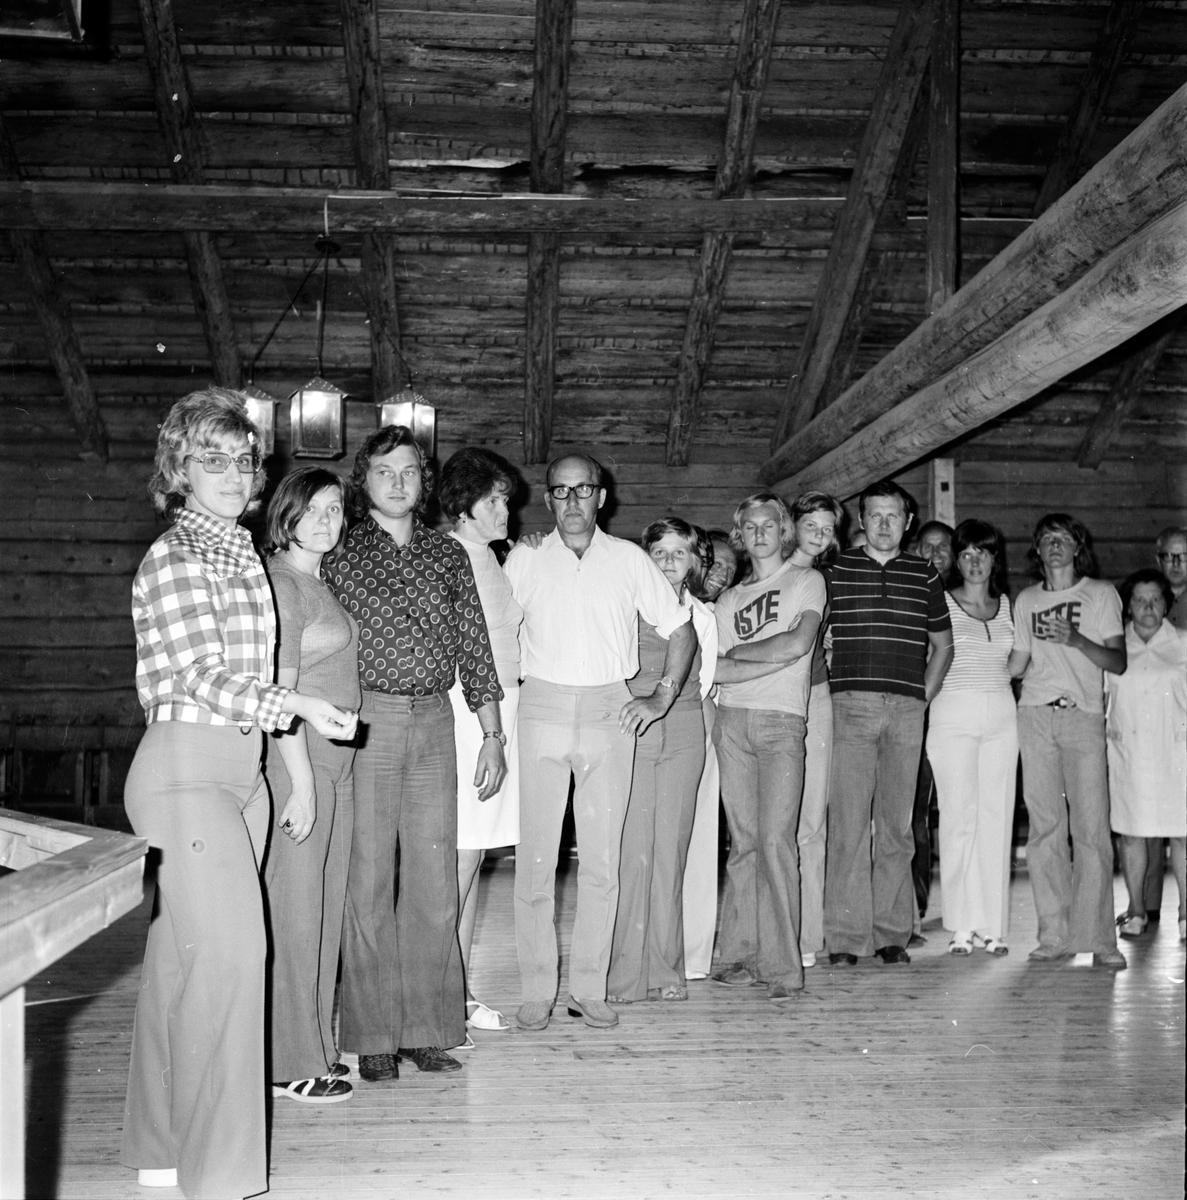 Arbrå, Danskurs på Fornhemslogen, Juli 1973